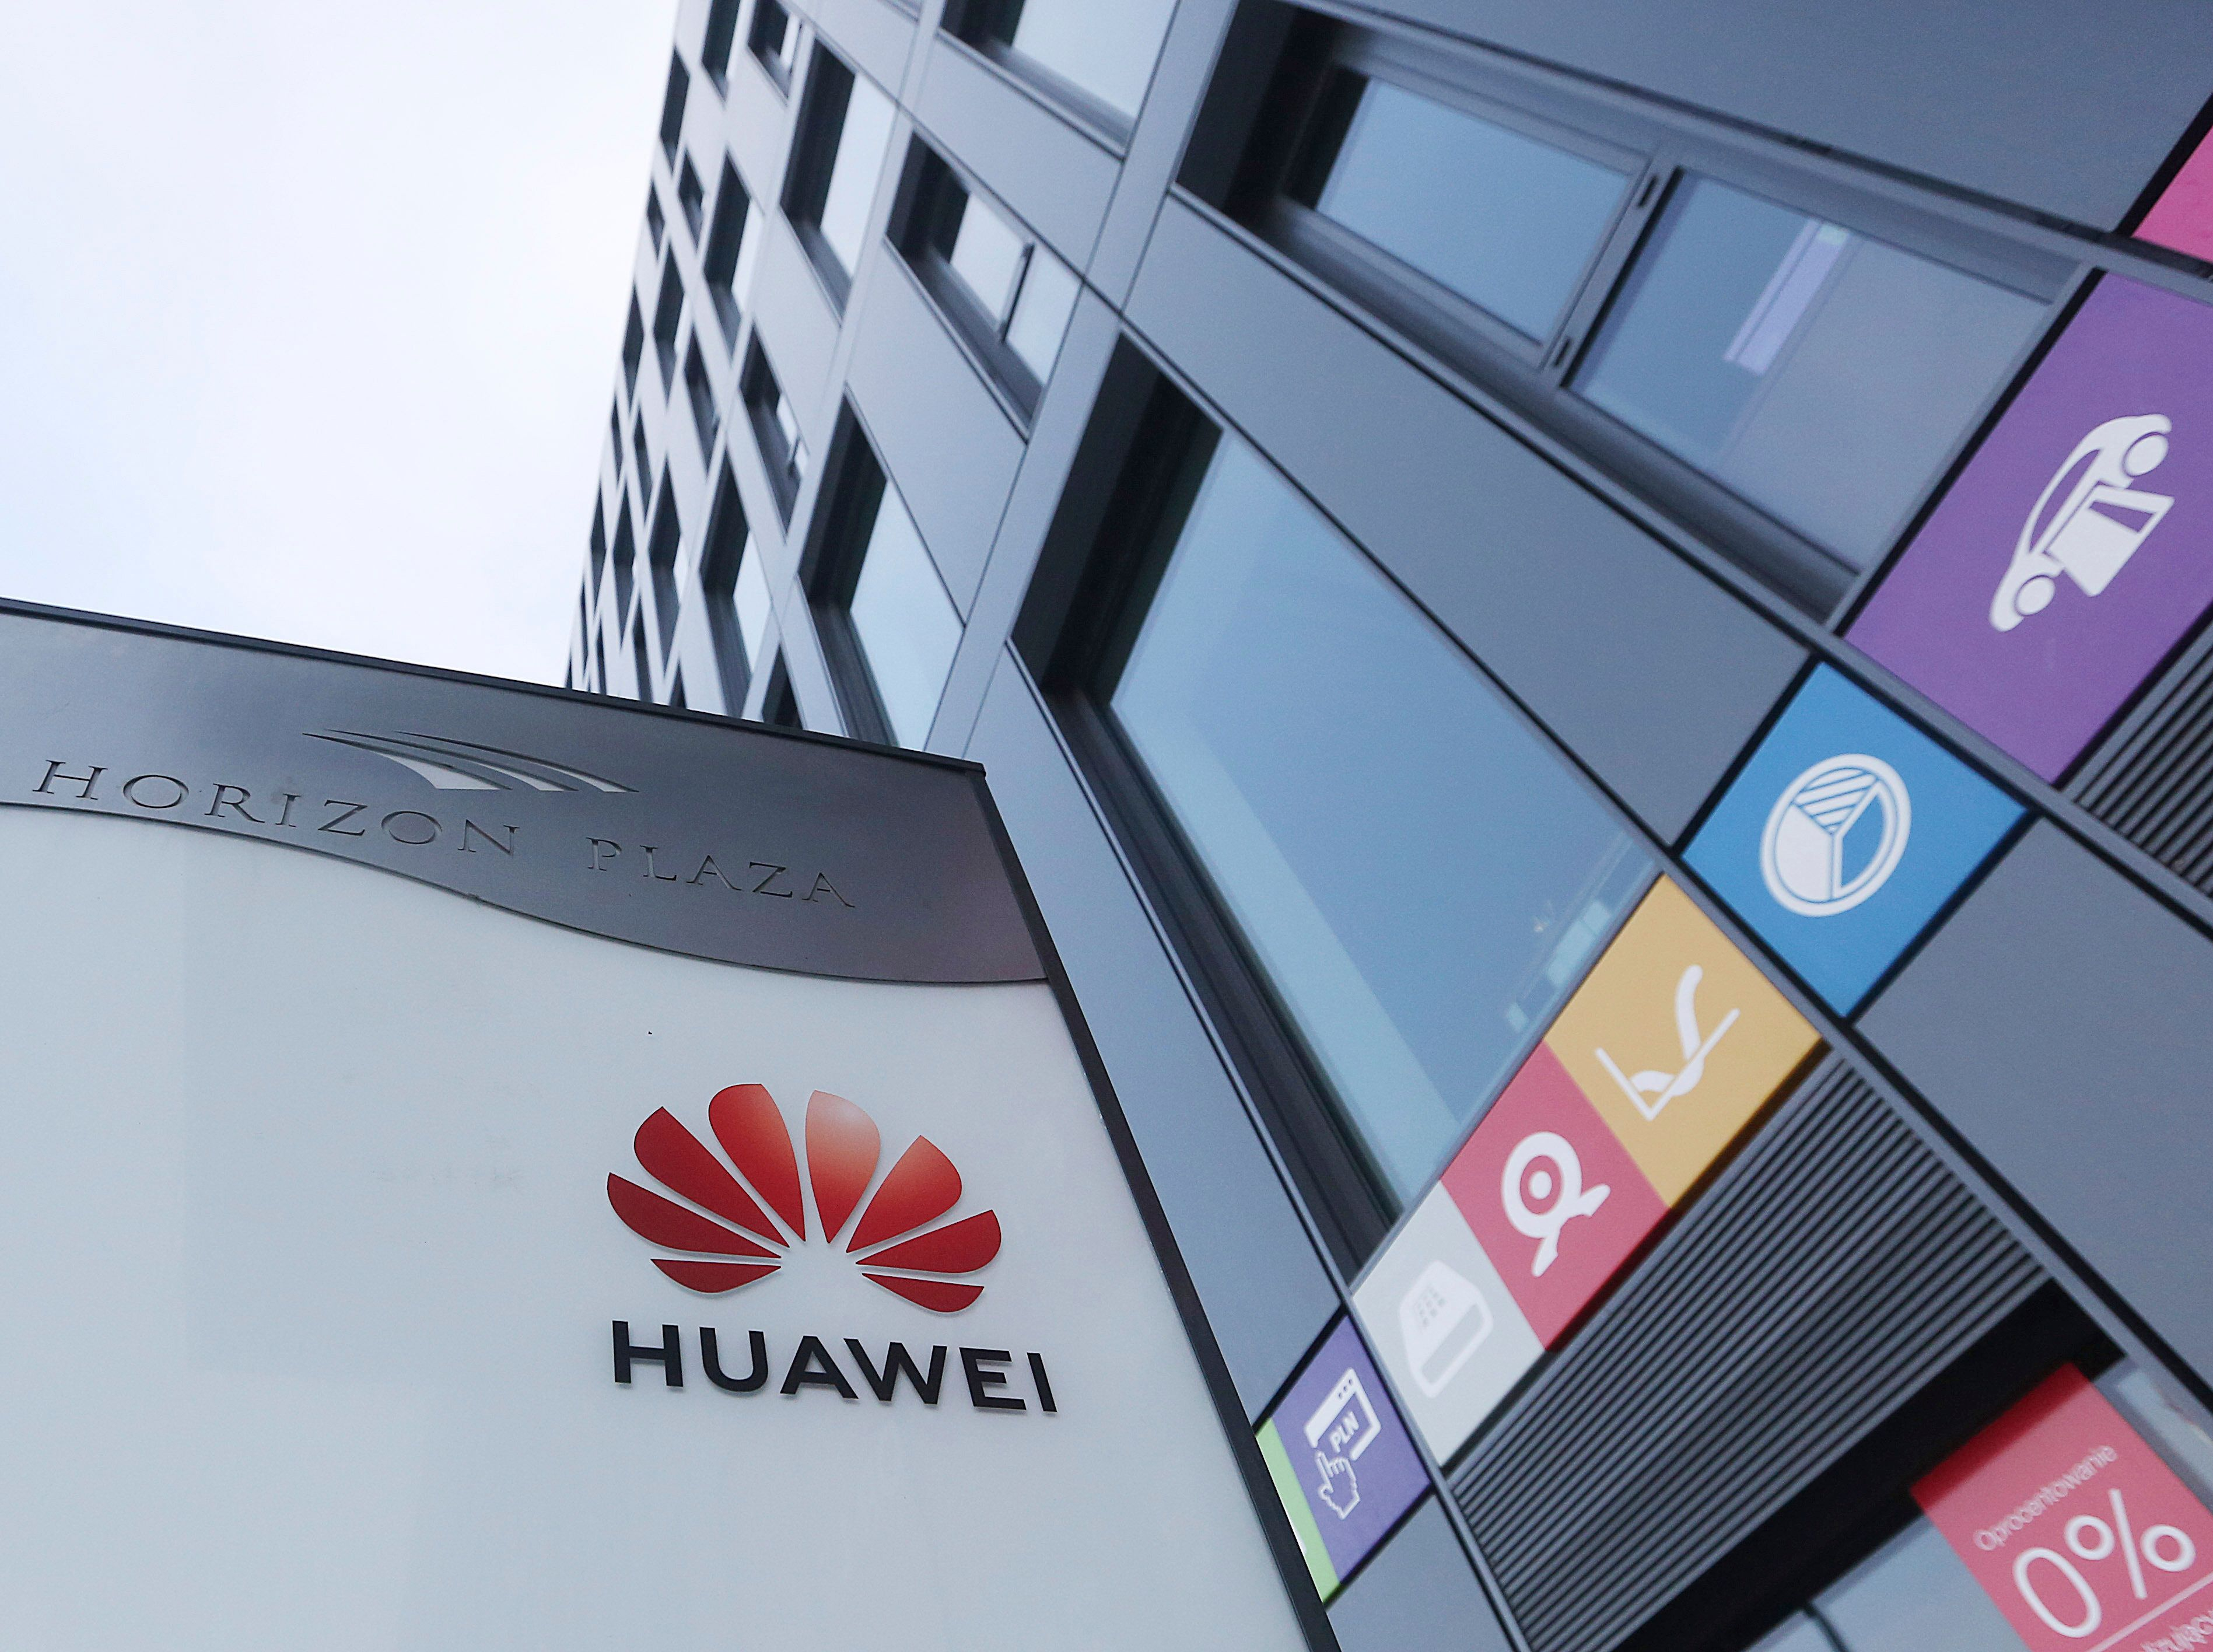 Η Γερμανία θέλει να αποκλείσει τη Huawei από τους διαγωνισμούς για τα δίκτυα